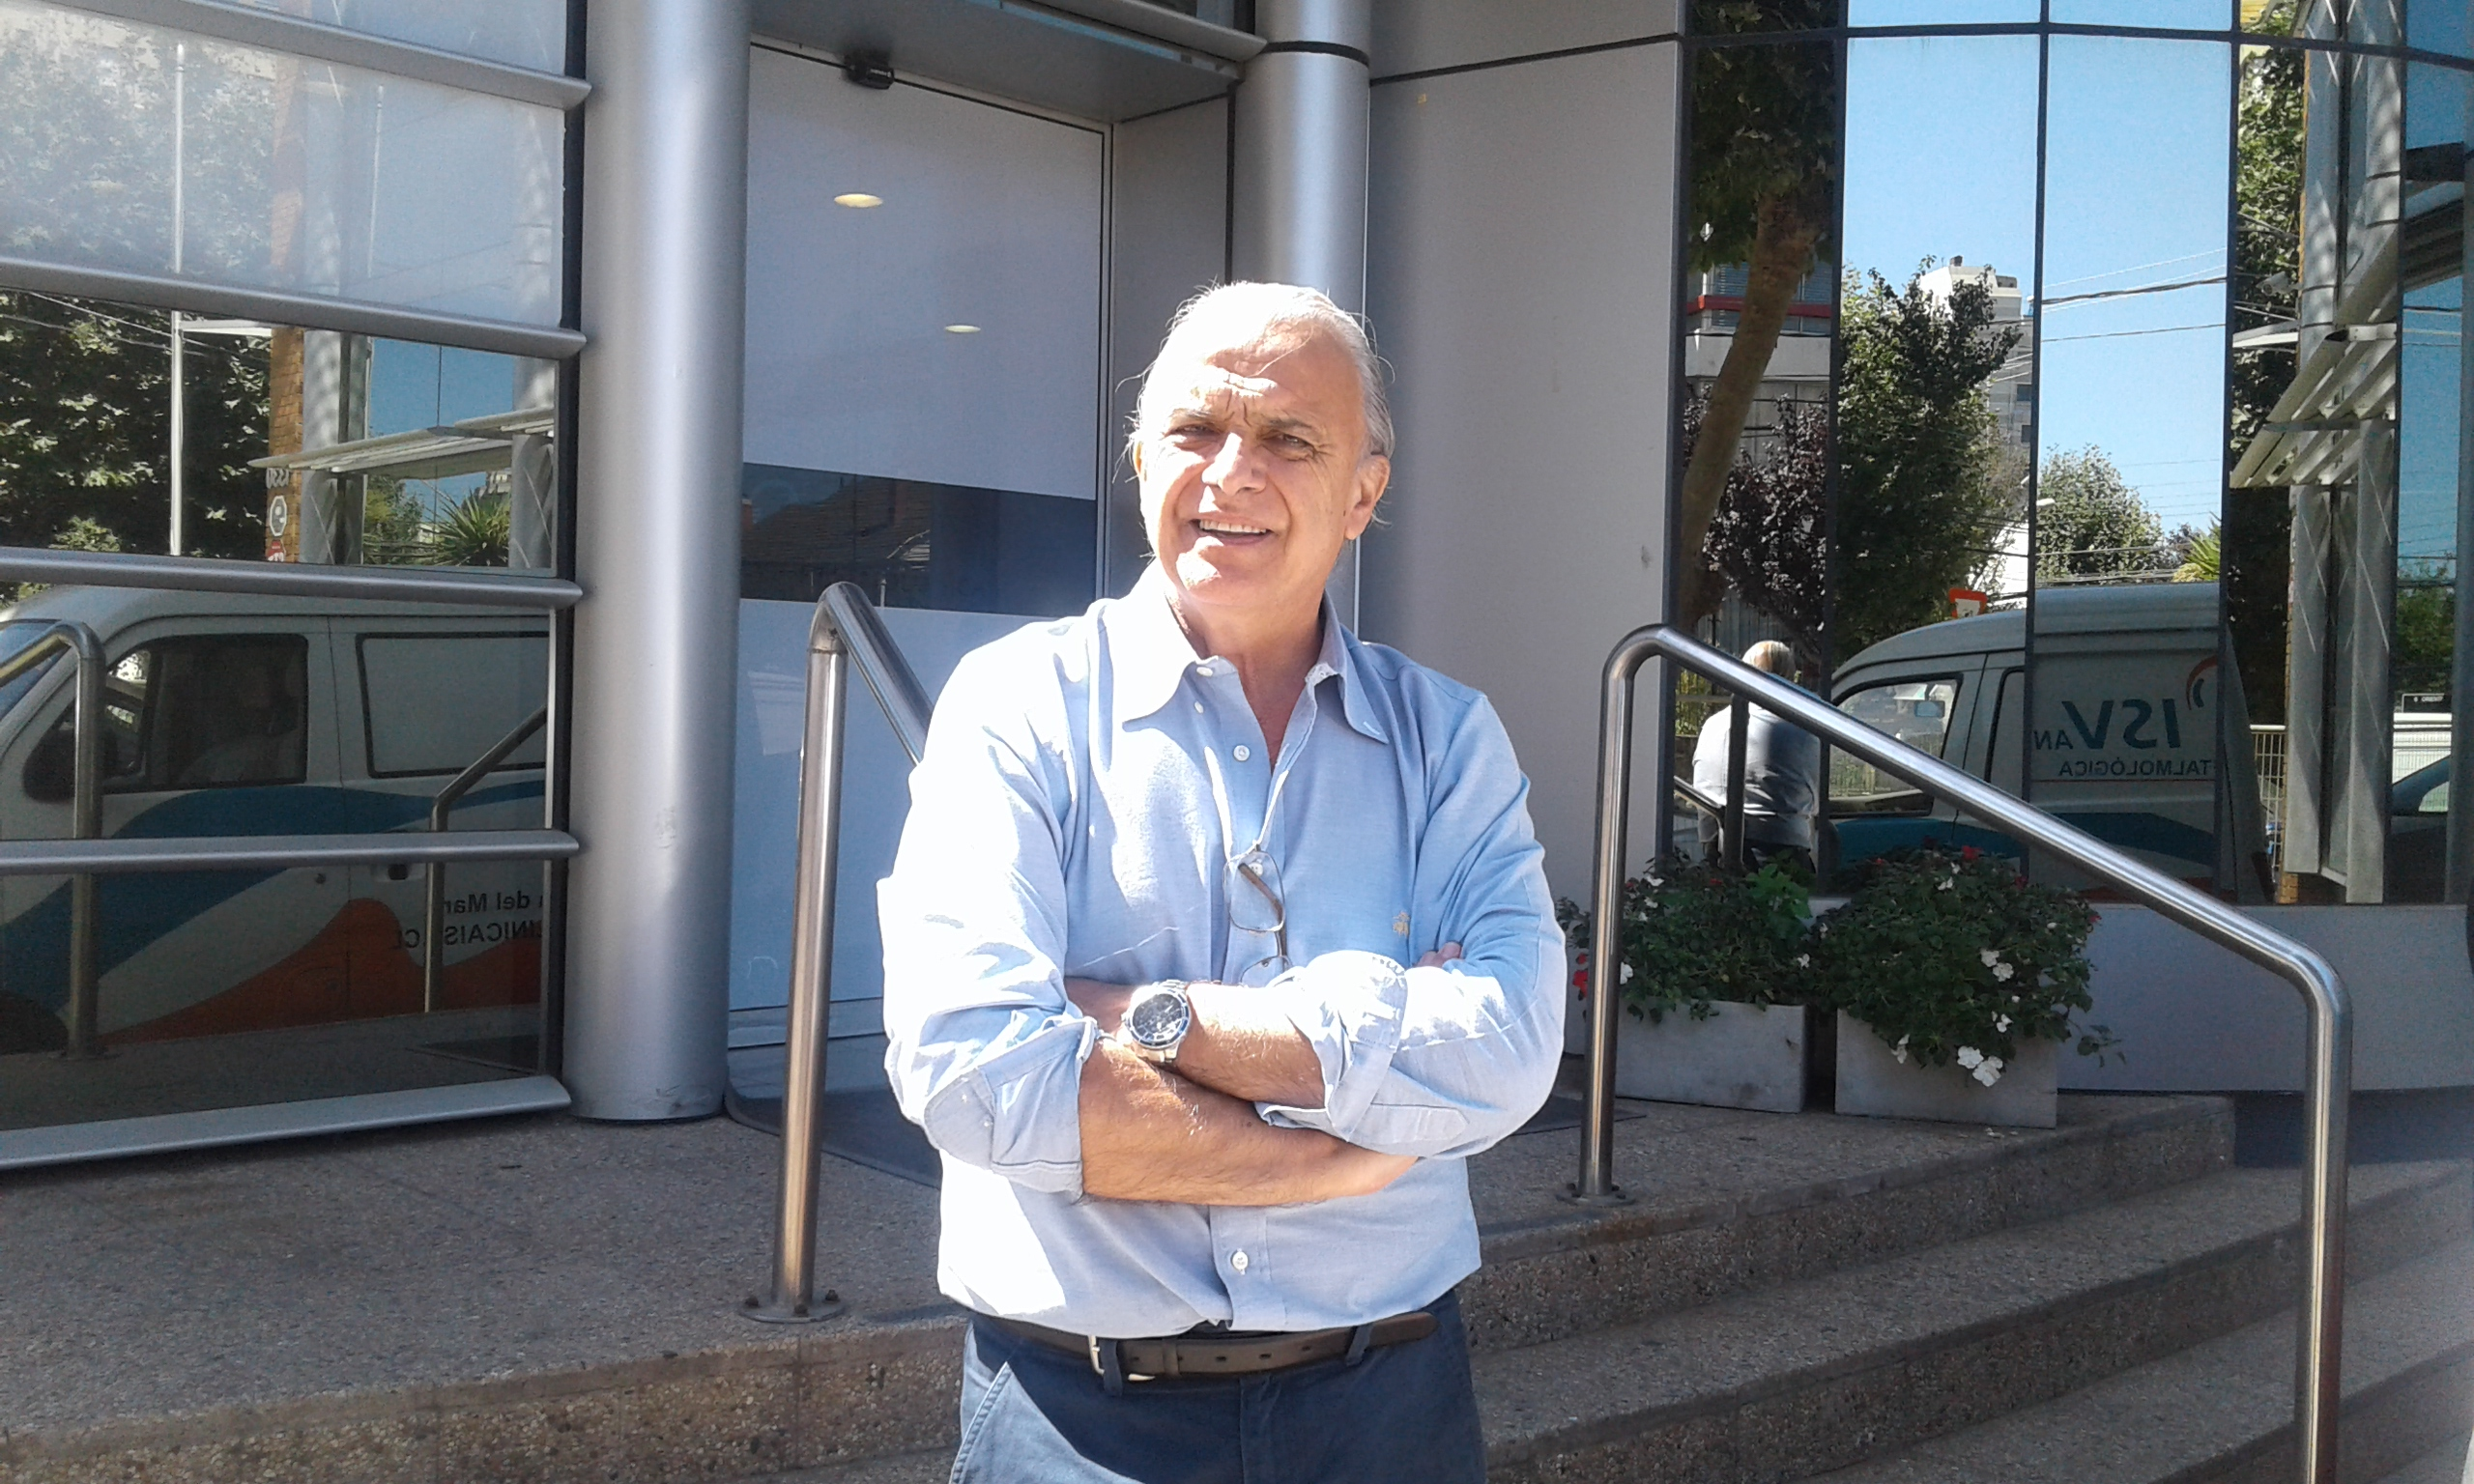 Dr. Héctor René Sanhueza Alegría